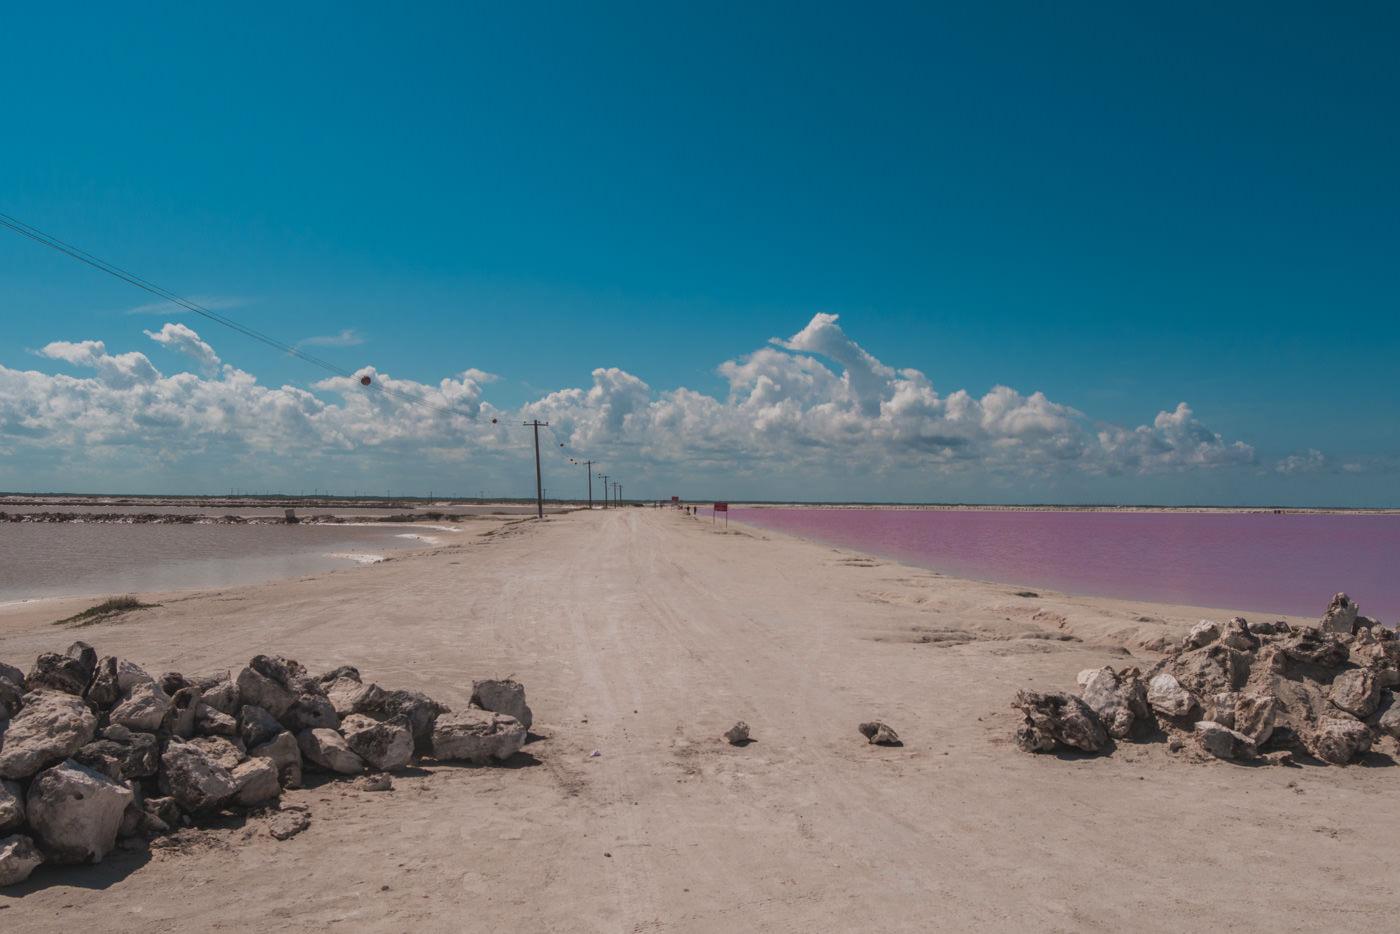 Pinke Lagune von Las Coloradas in Mexiko